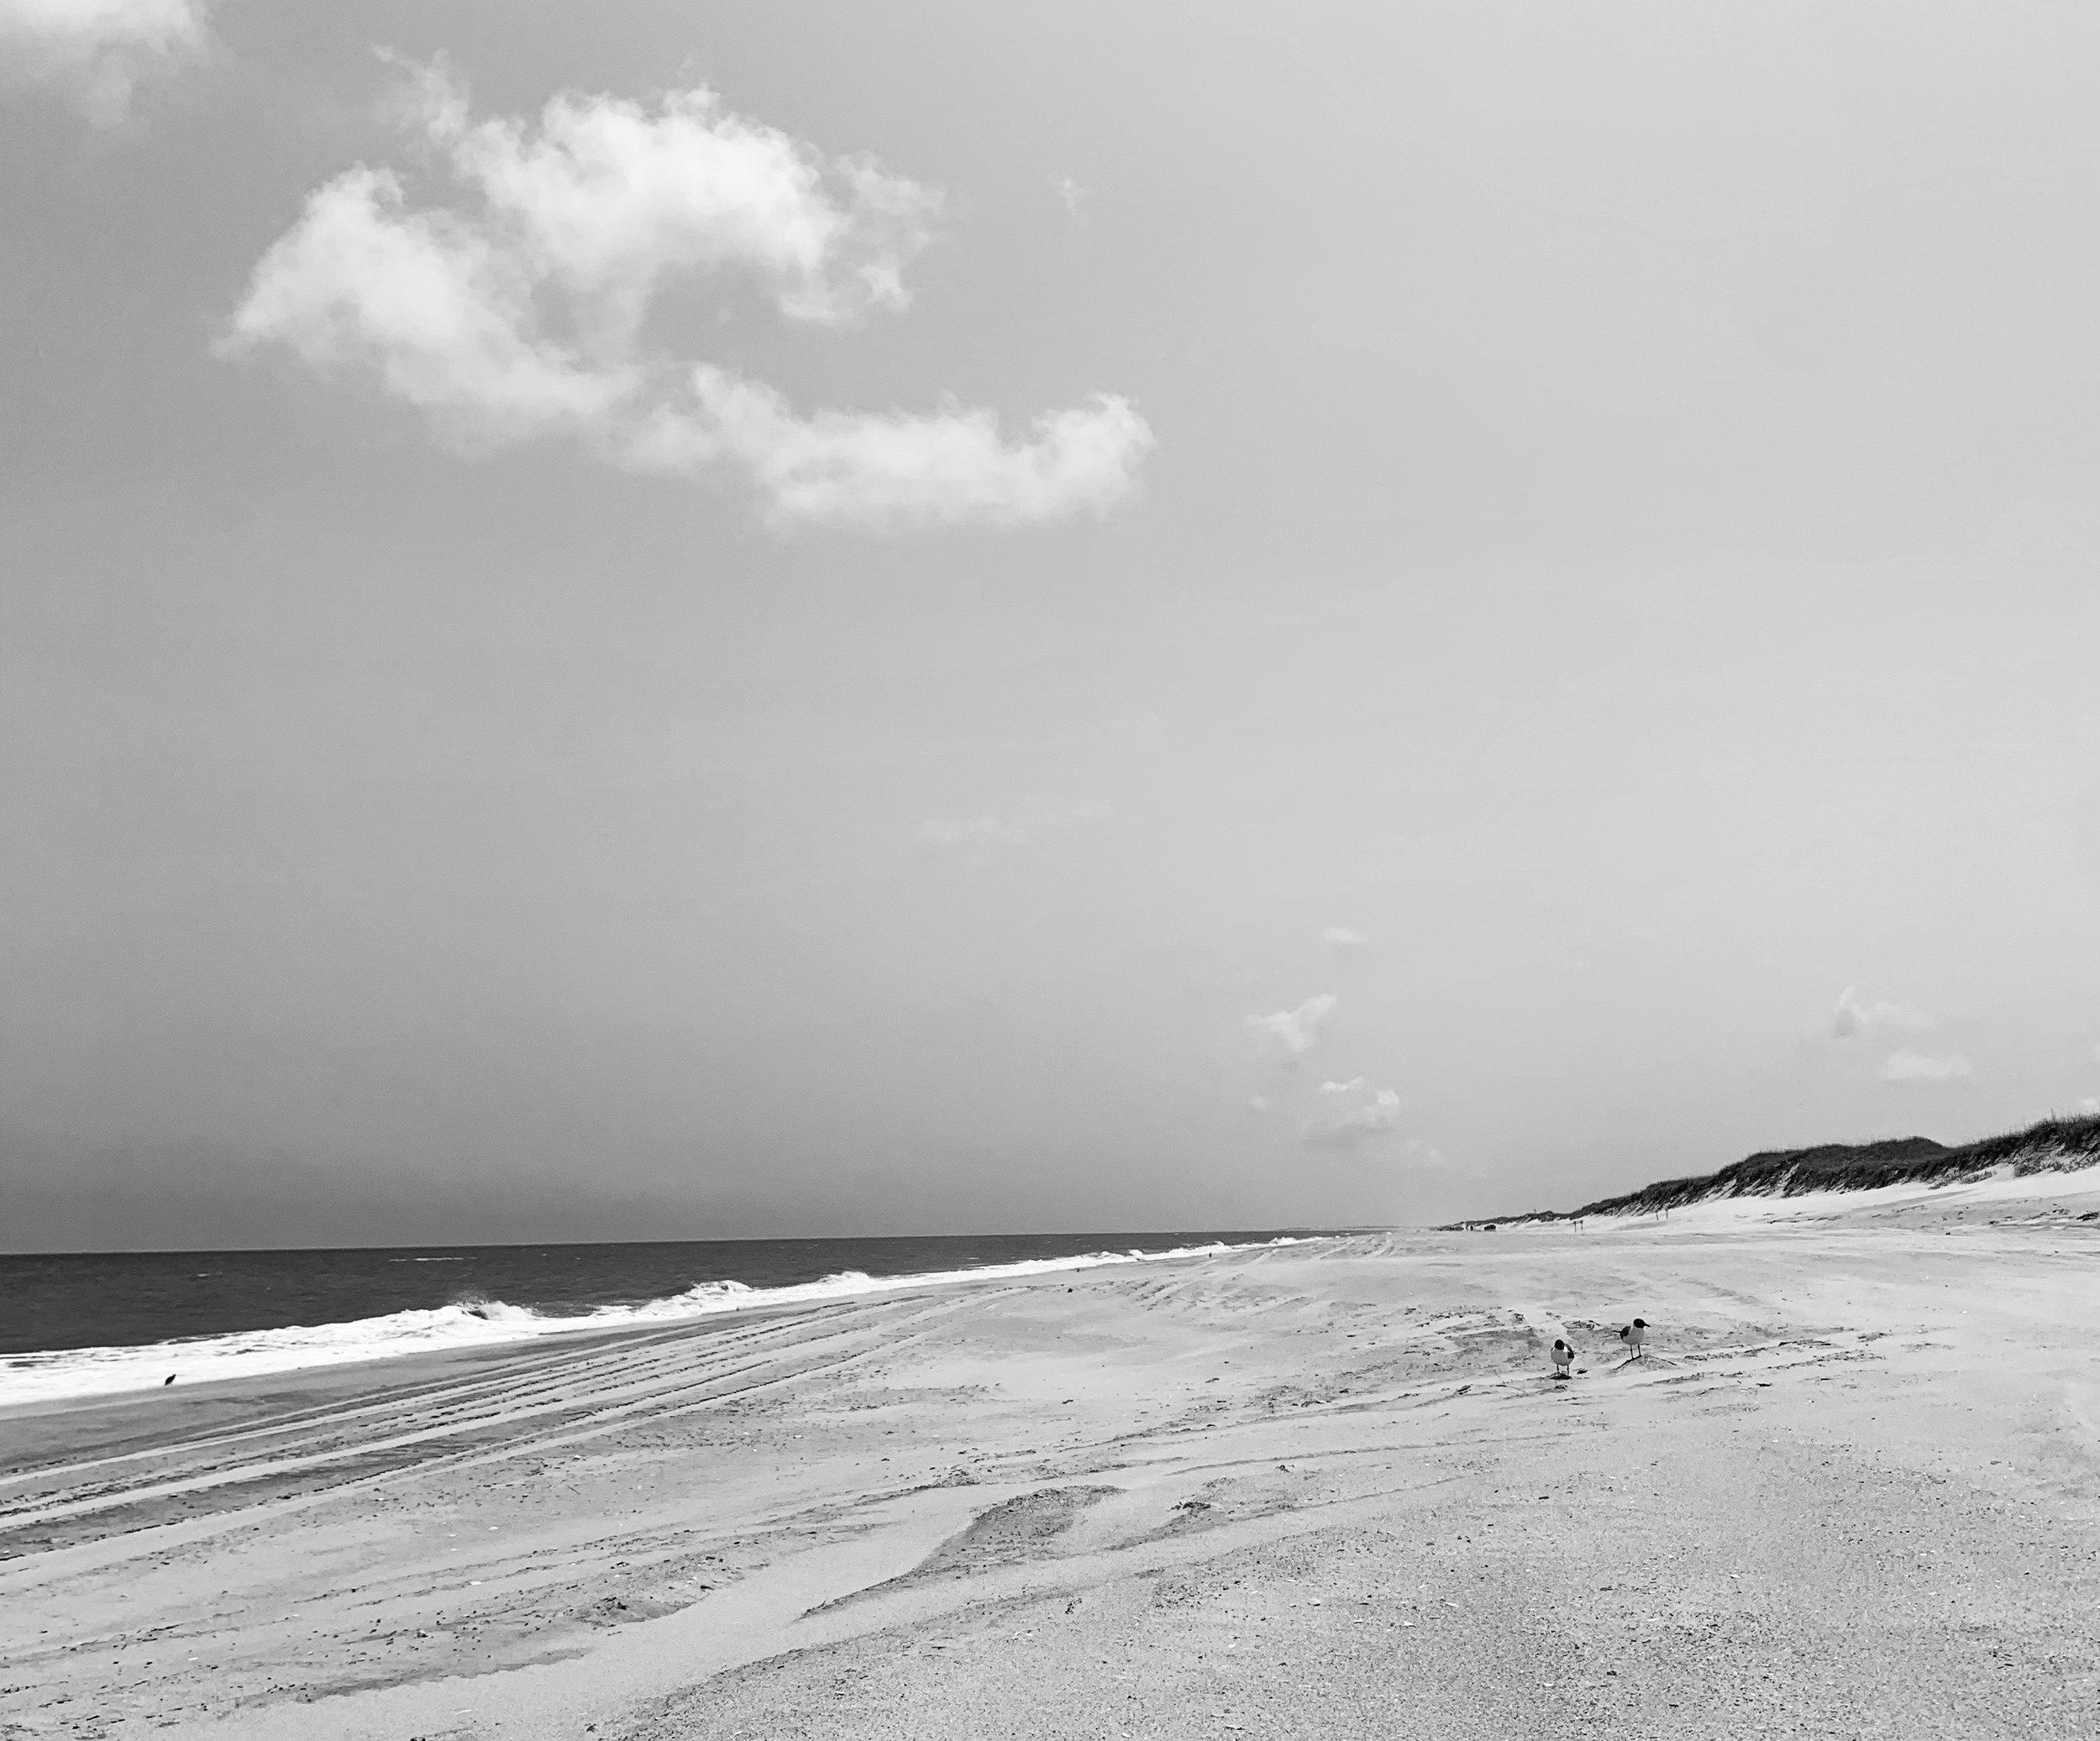 [Cape Hatteras National Seashore]